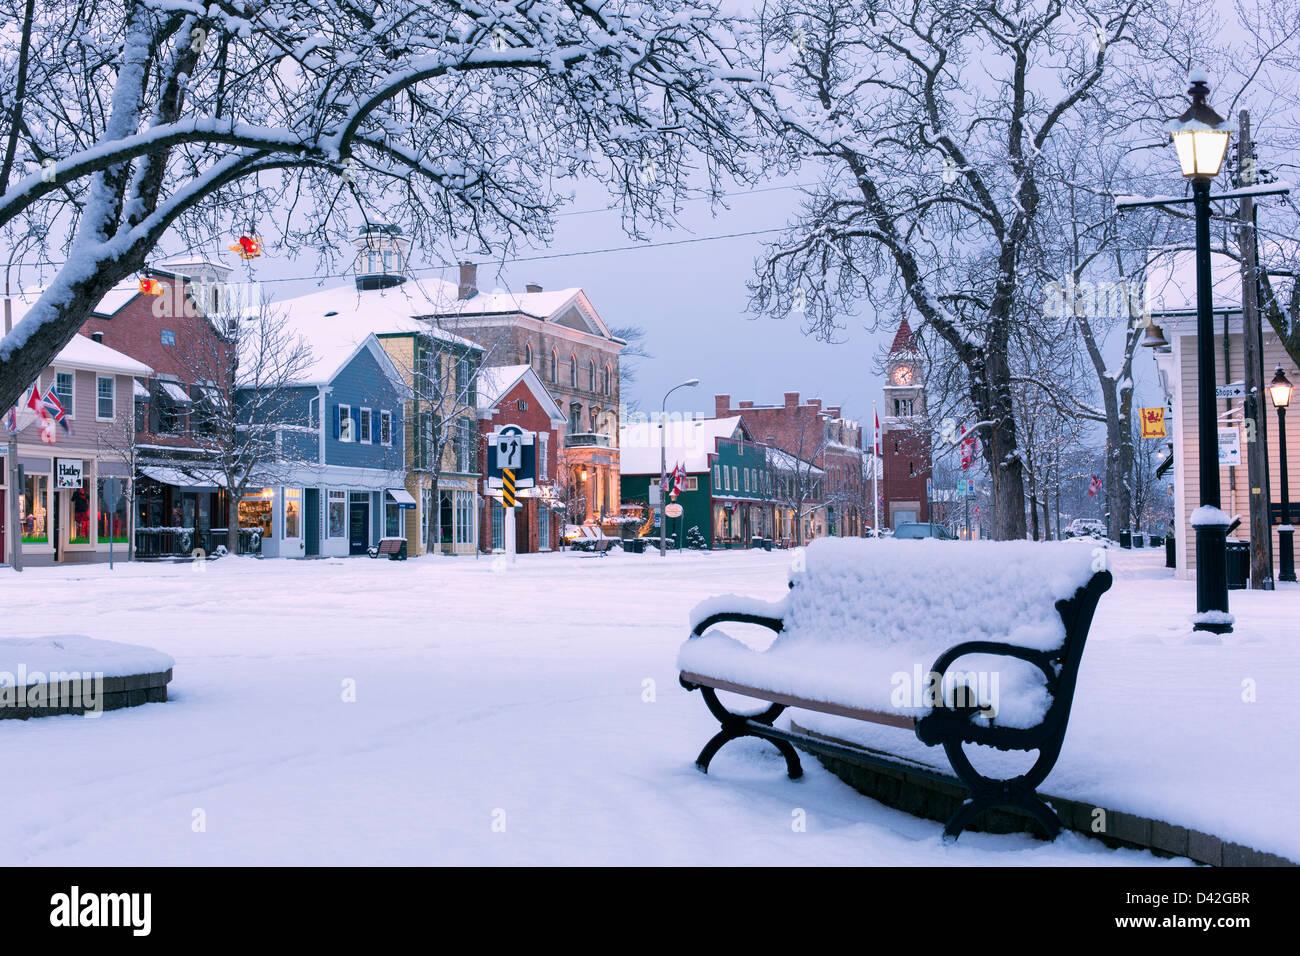 Ontario,Canadá,Niagara-on-the-Lake,Queen street,temprano por la mañana de invierno Imagen De Stock